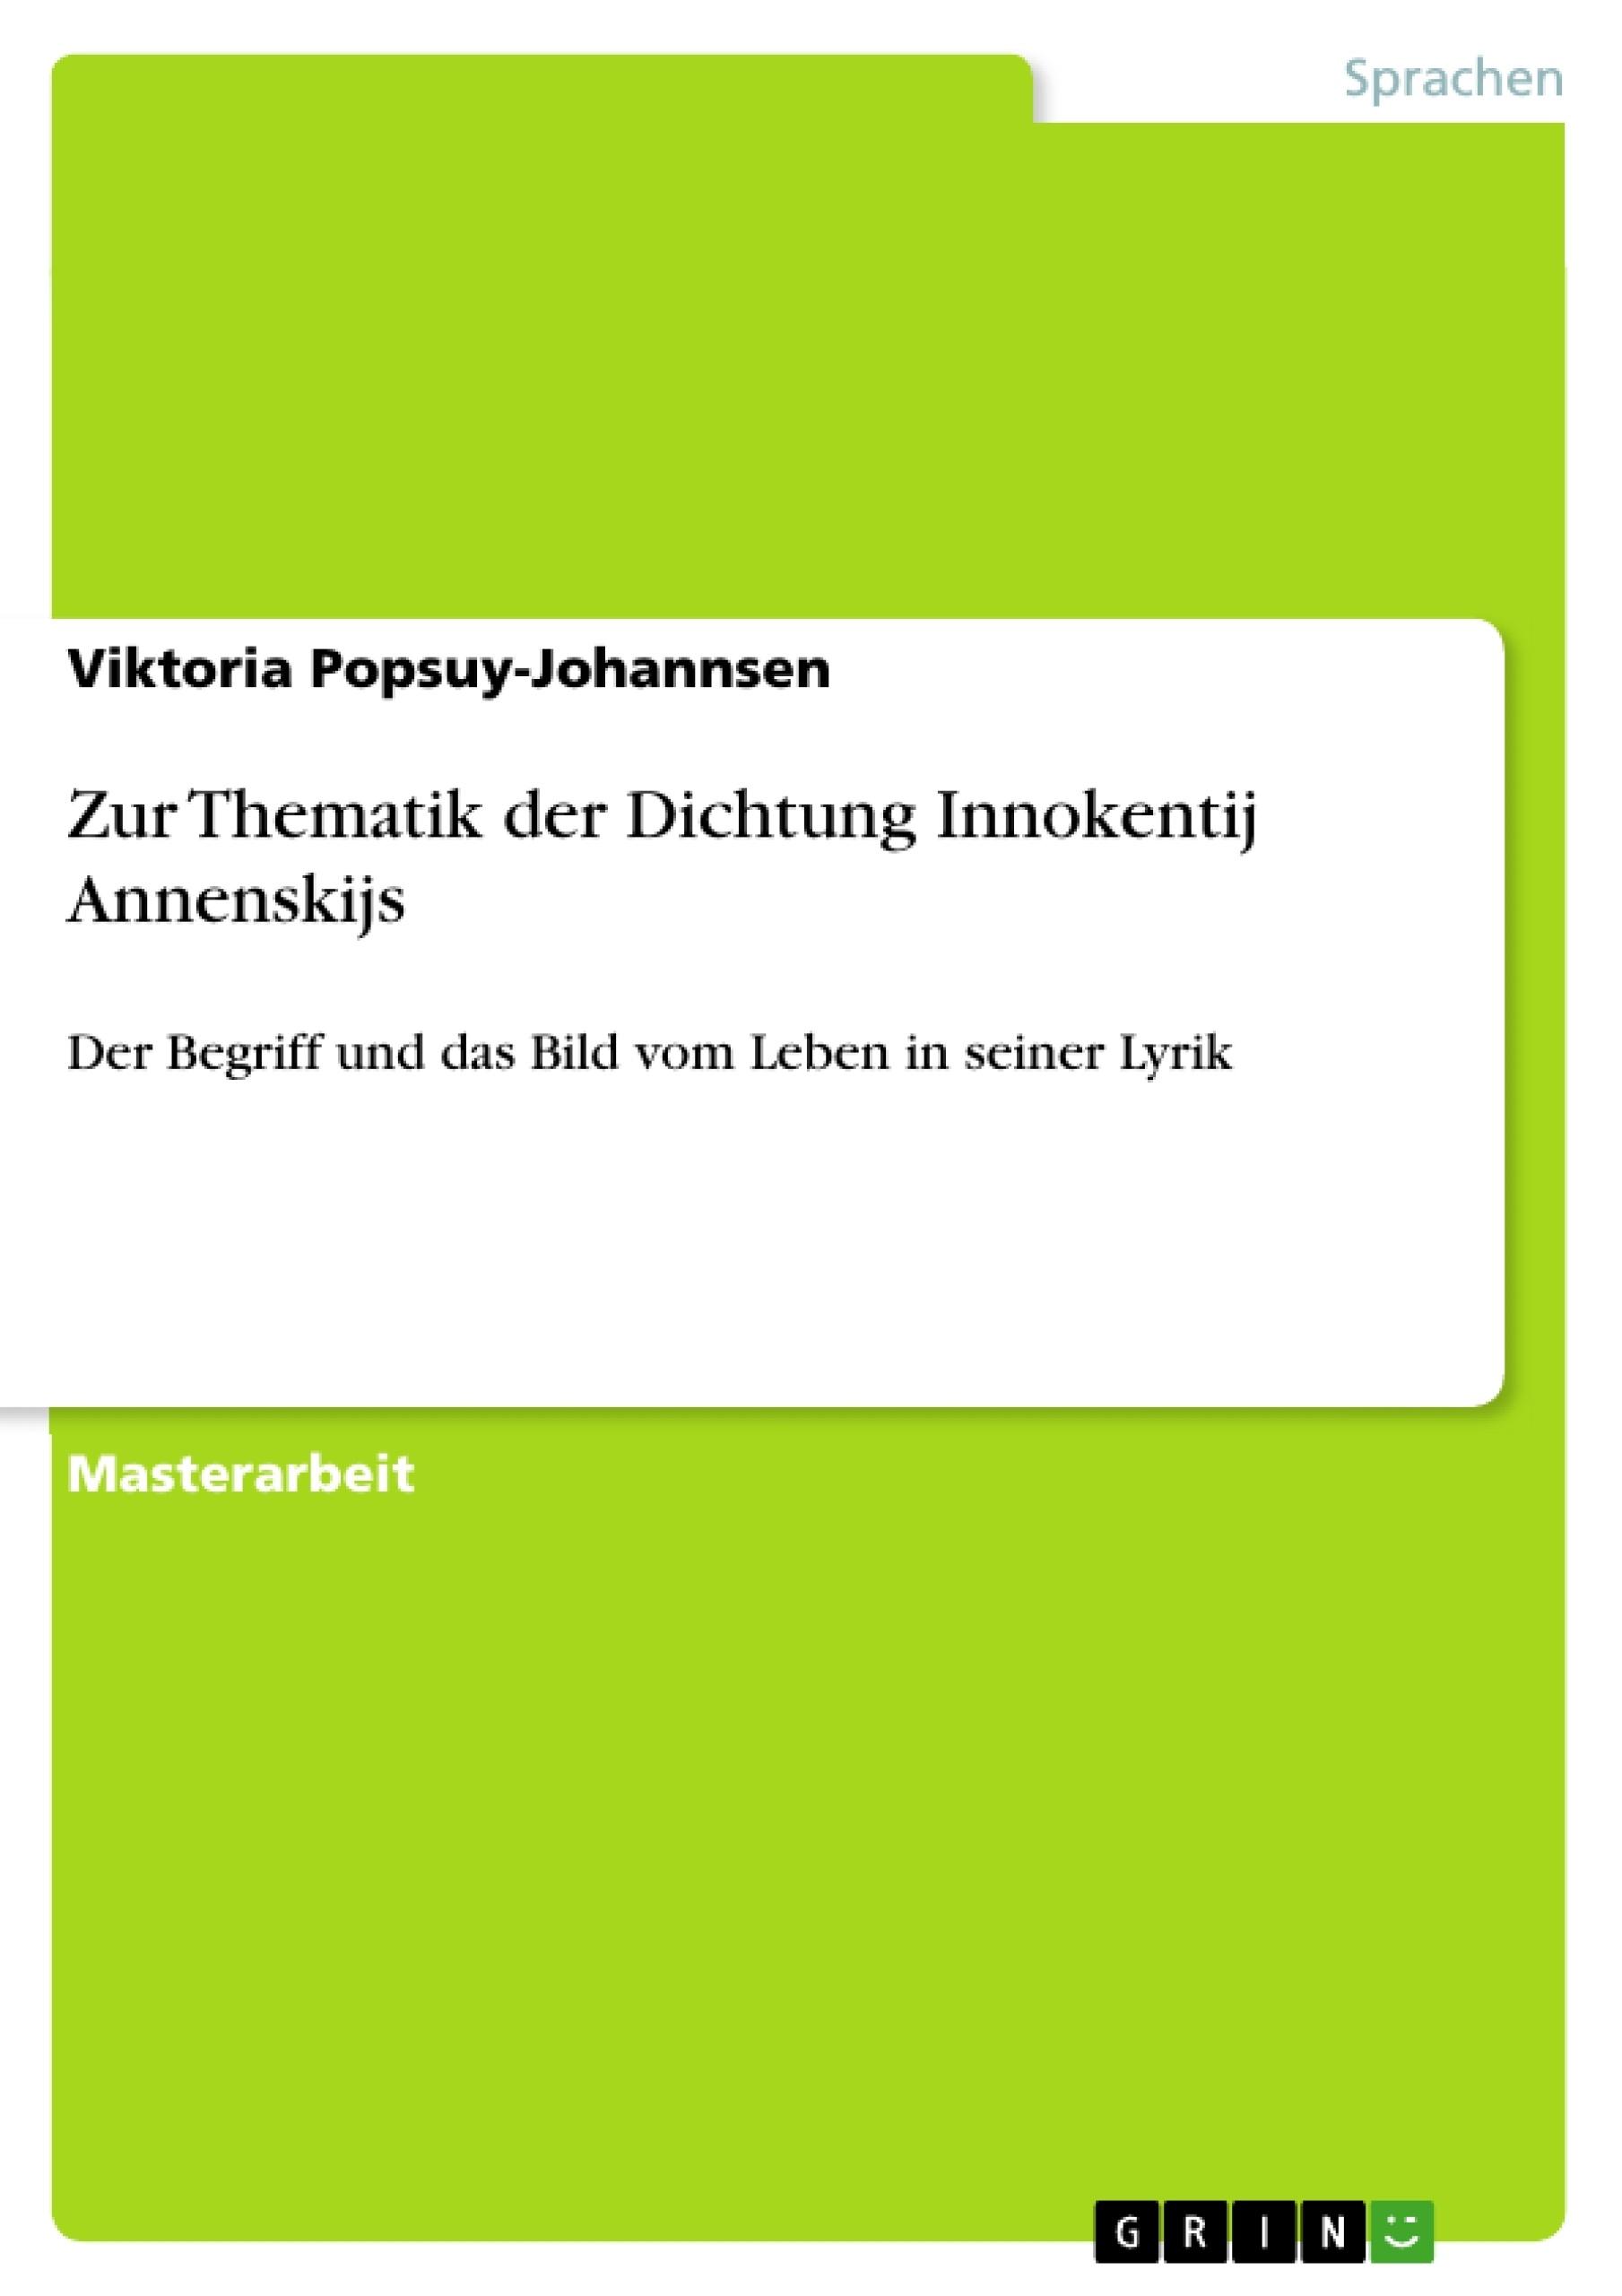 Titel: Zur Thematik der Dichtung Innokentij Annenskijs